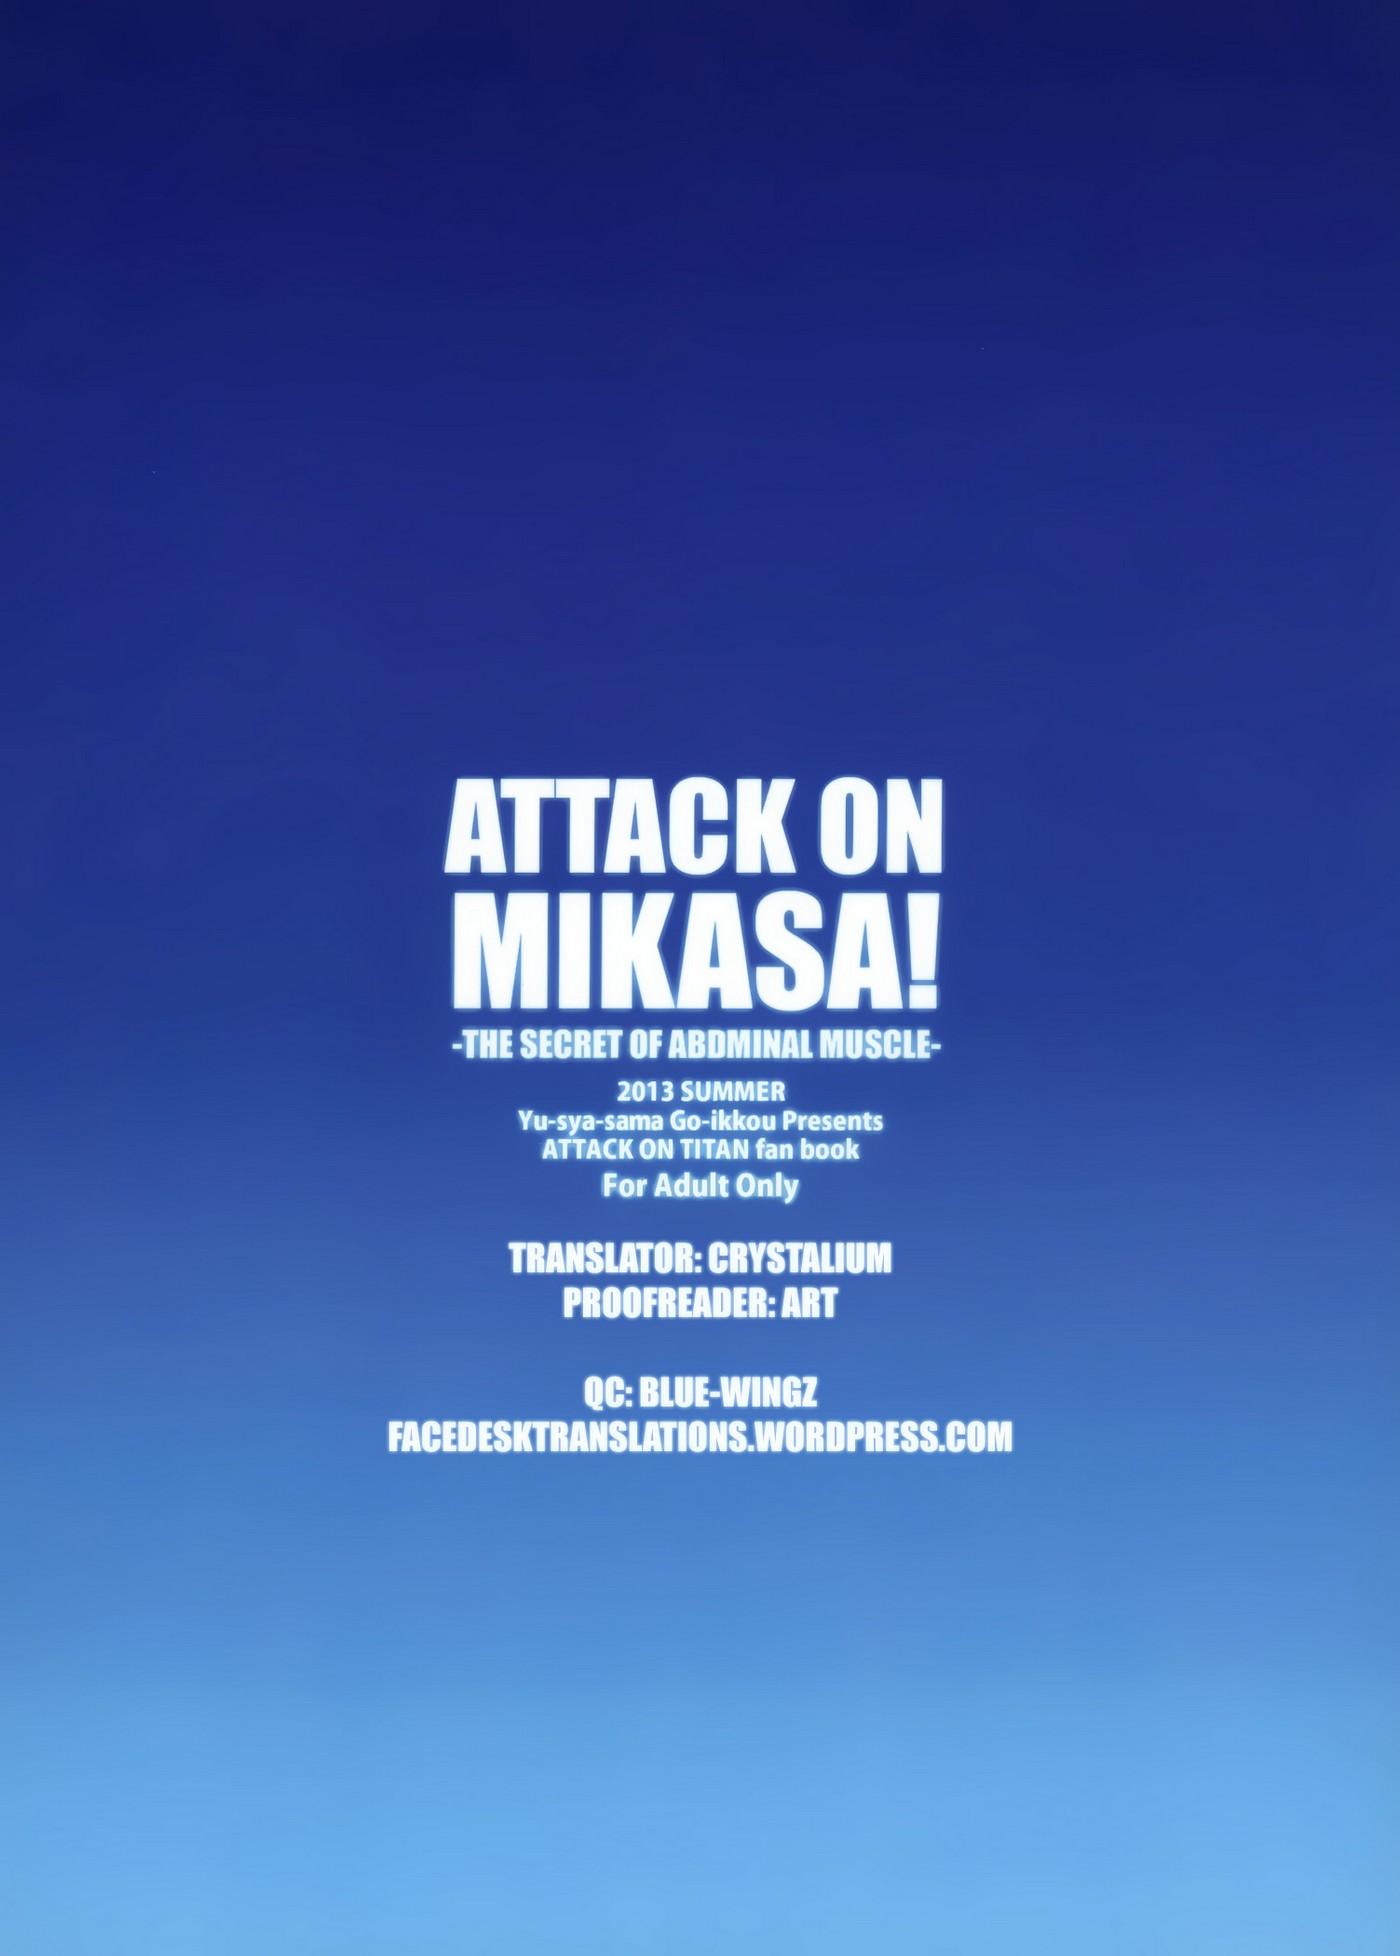 ATTACK ON MIKASA 26